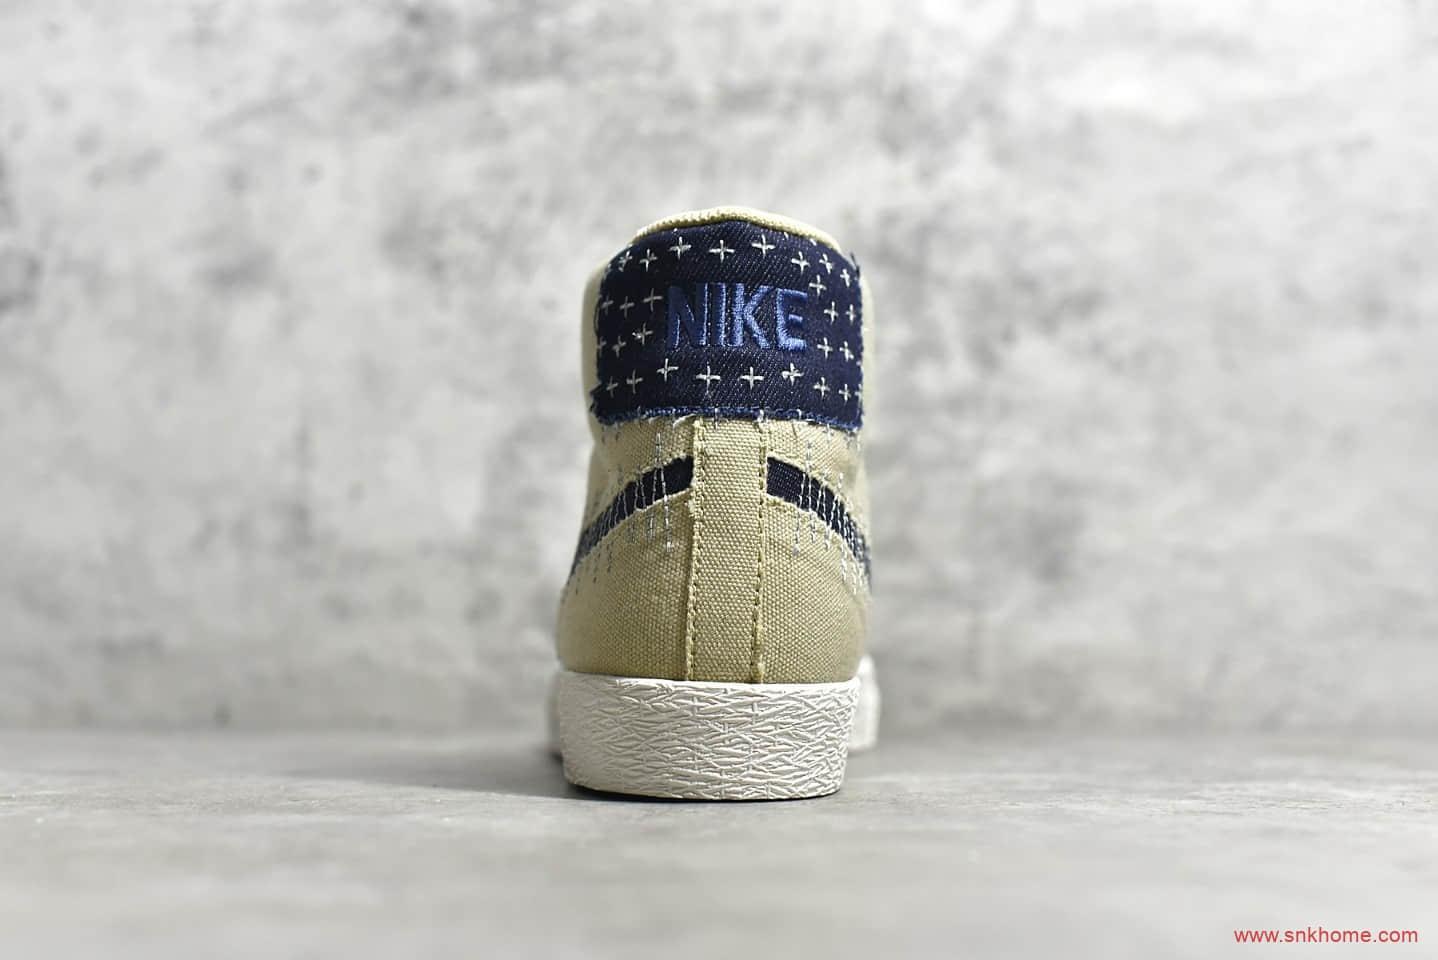 耐克开拓者卡其单宁刺子绣 NIKE SB Blazer Mid Premium